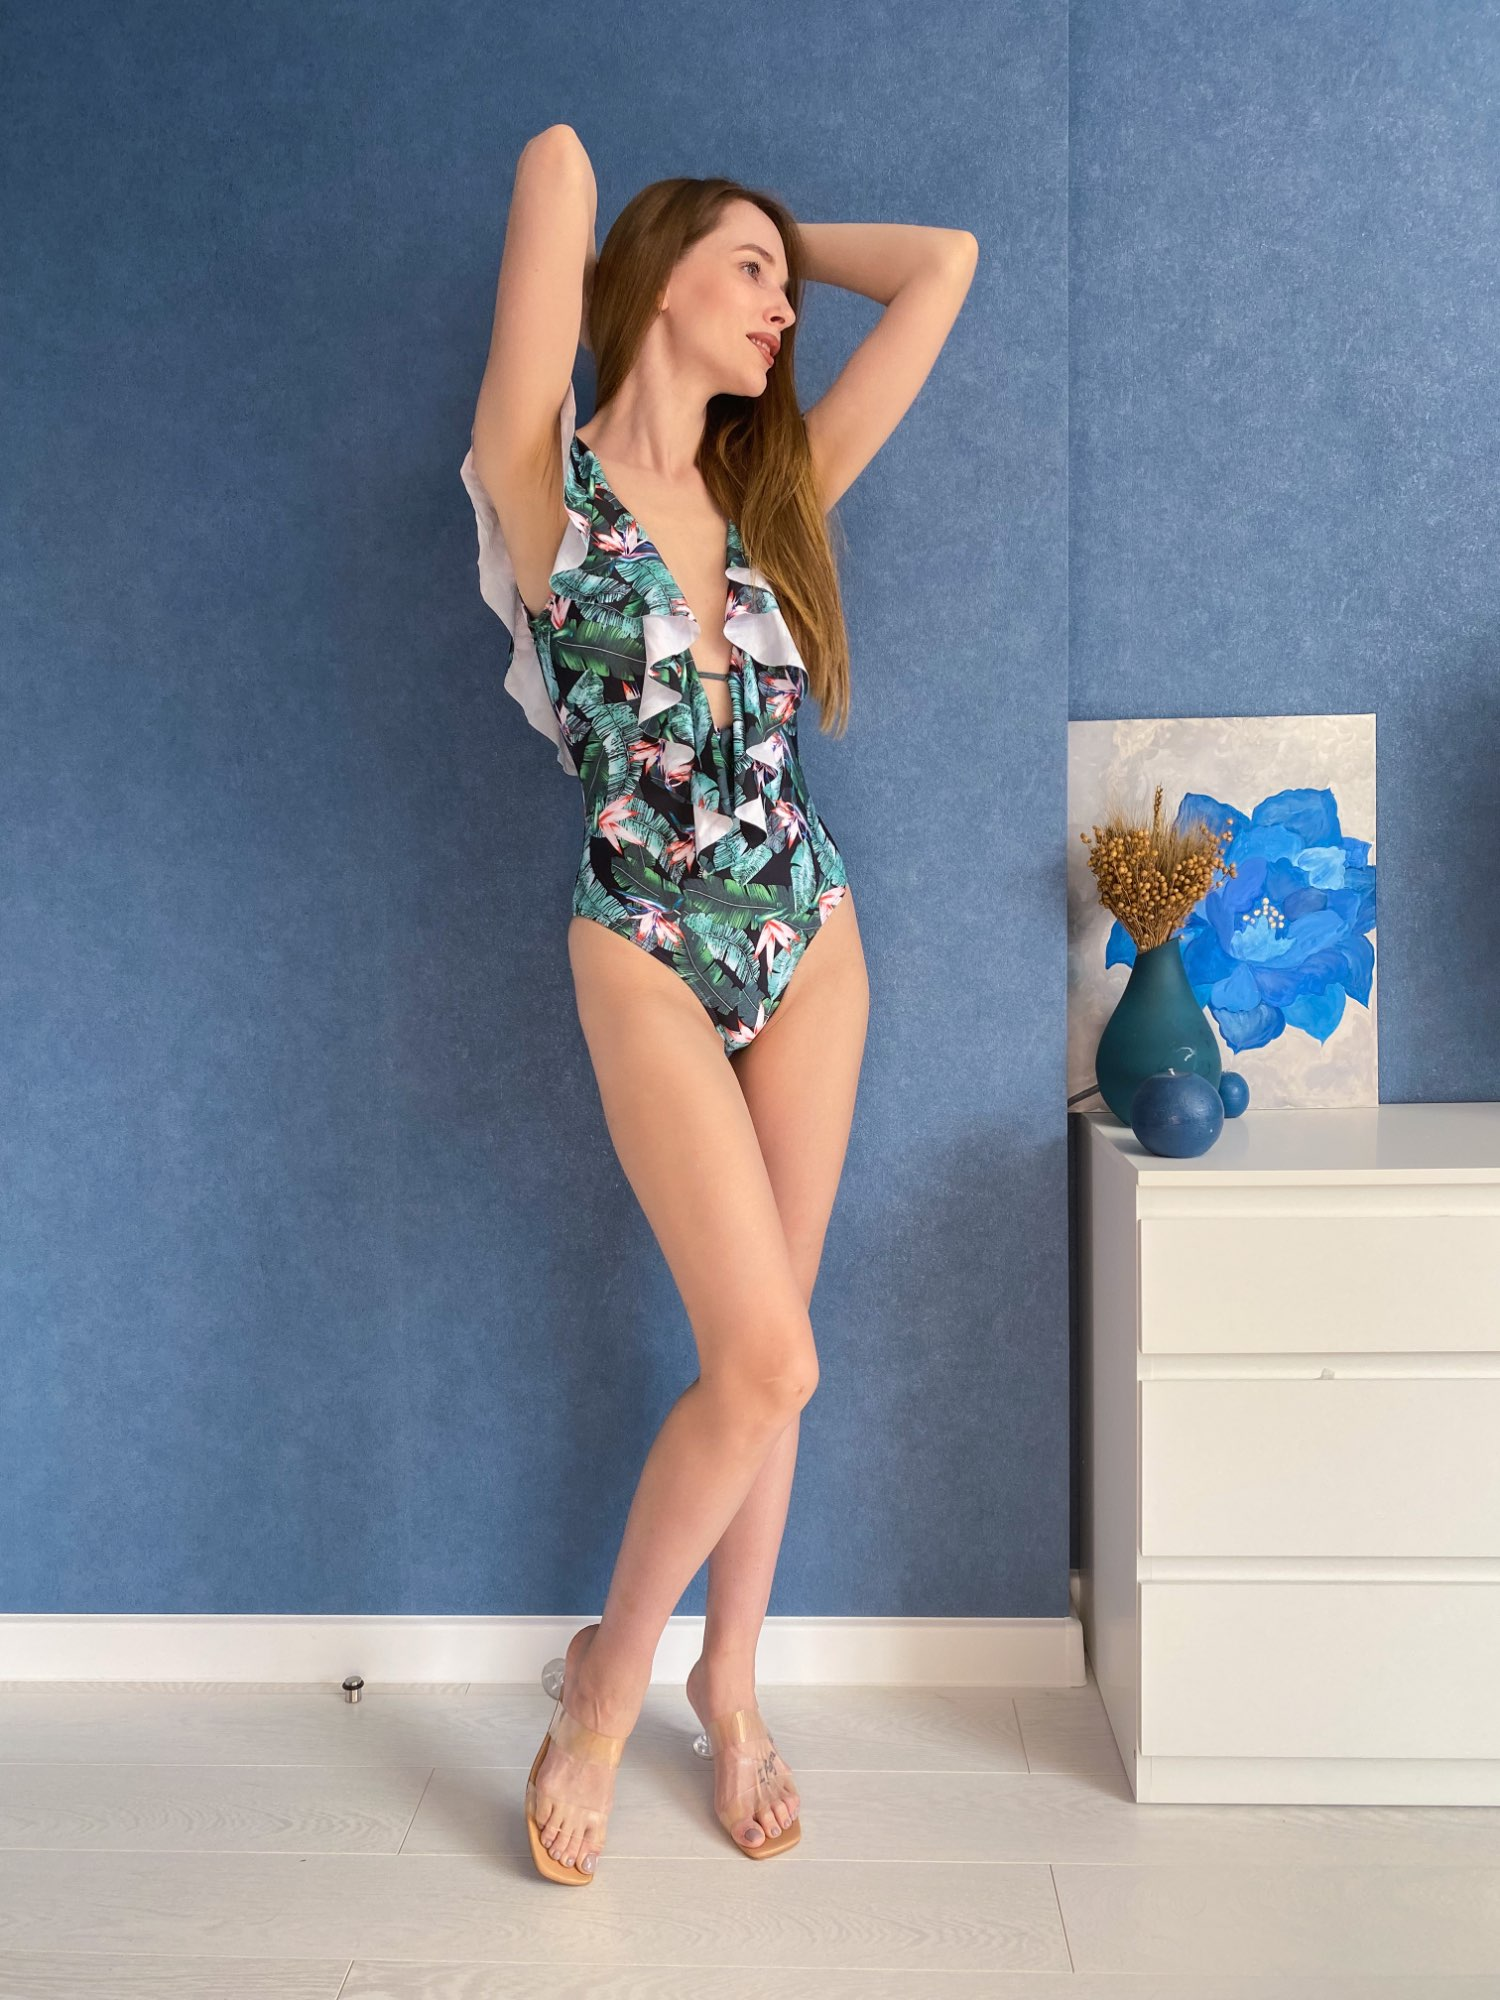 Women 2021 Flounce Off Shoulder Swimsuit Ruffle One Piece Swimsuit Women Sexy Bodysuit Monokini Swimwear Bathing Suit|xl bathing suits|xl womenxl swimsuit - AliExpress